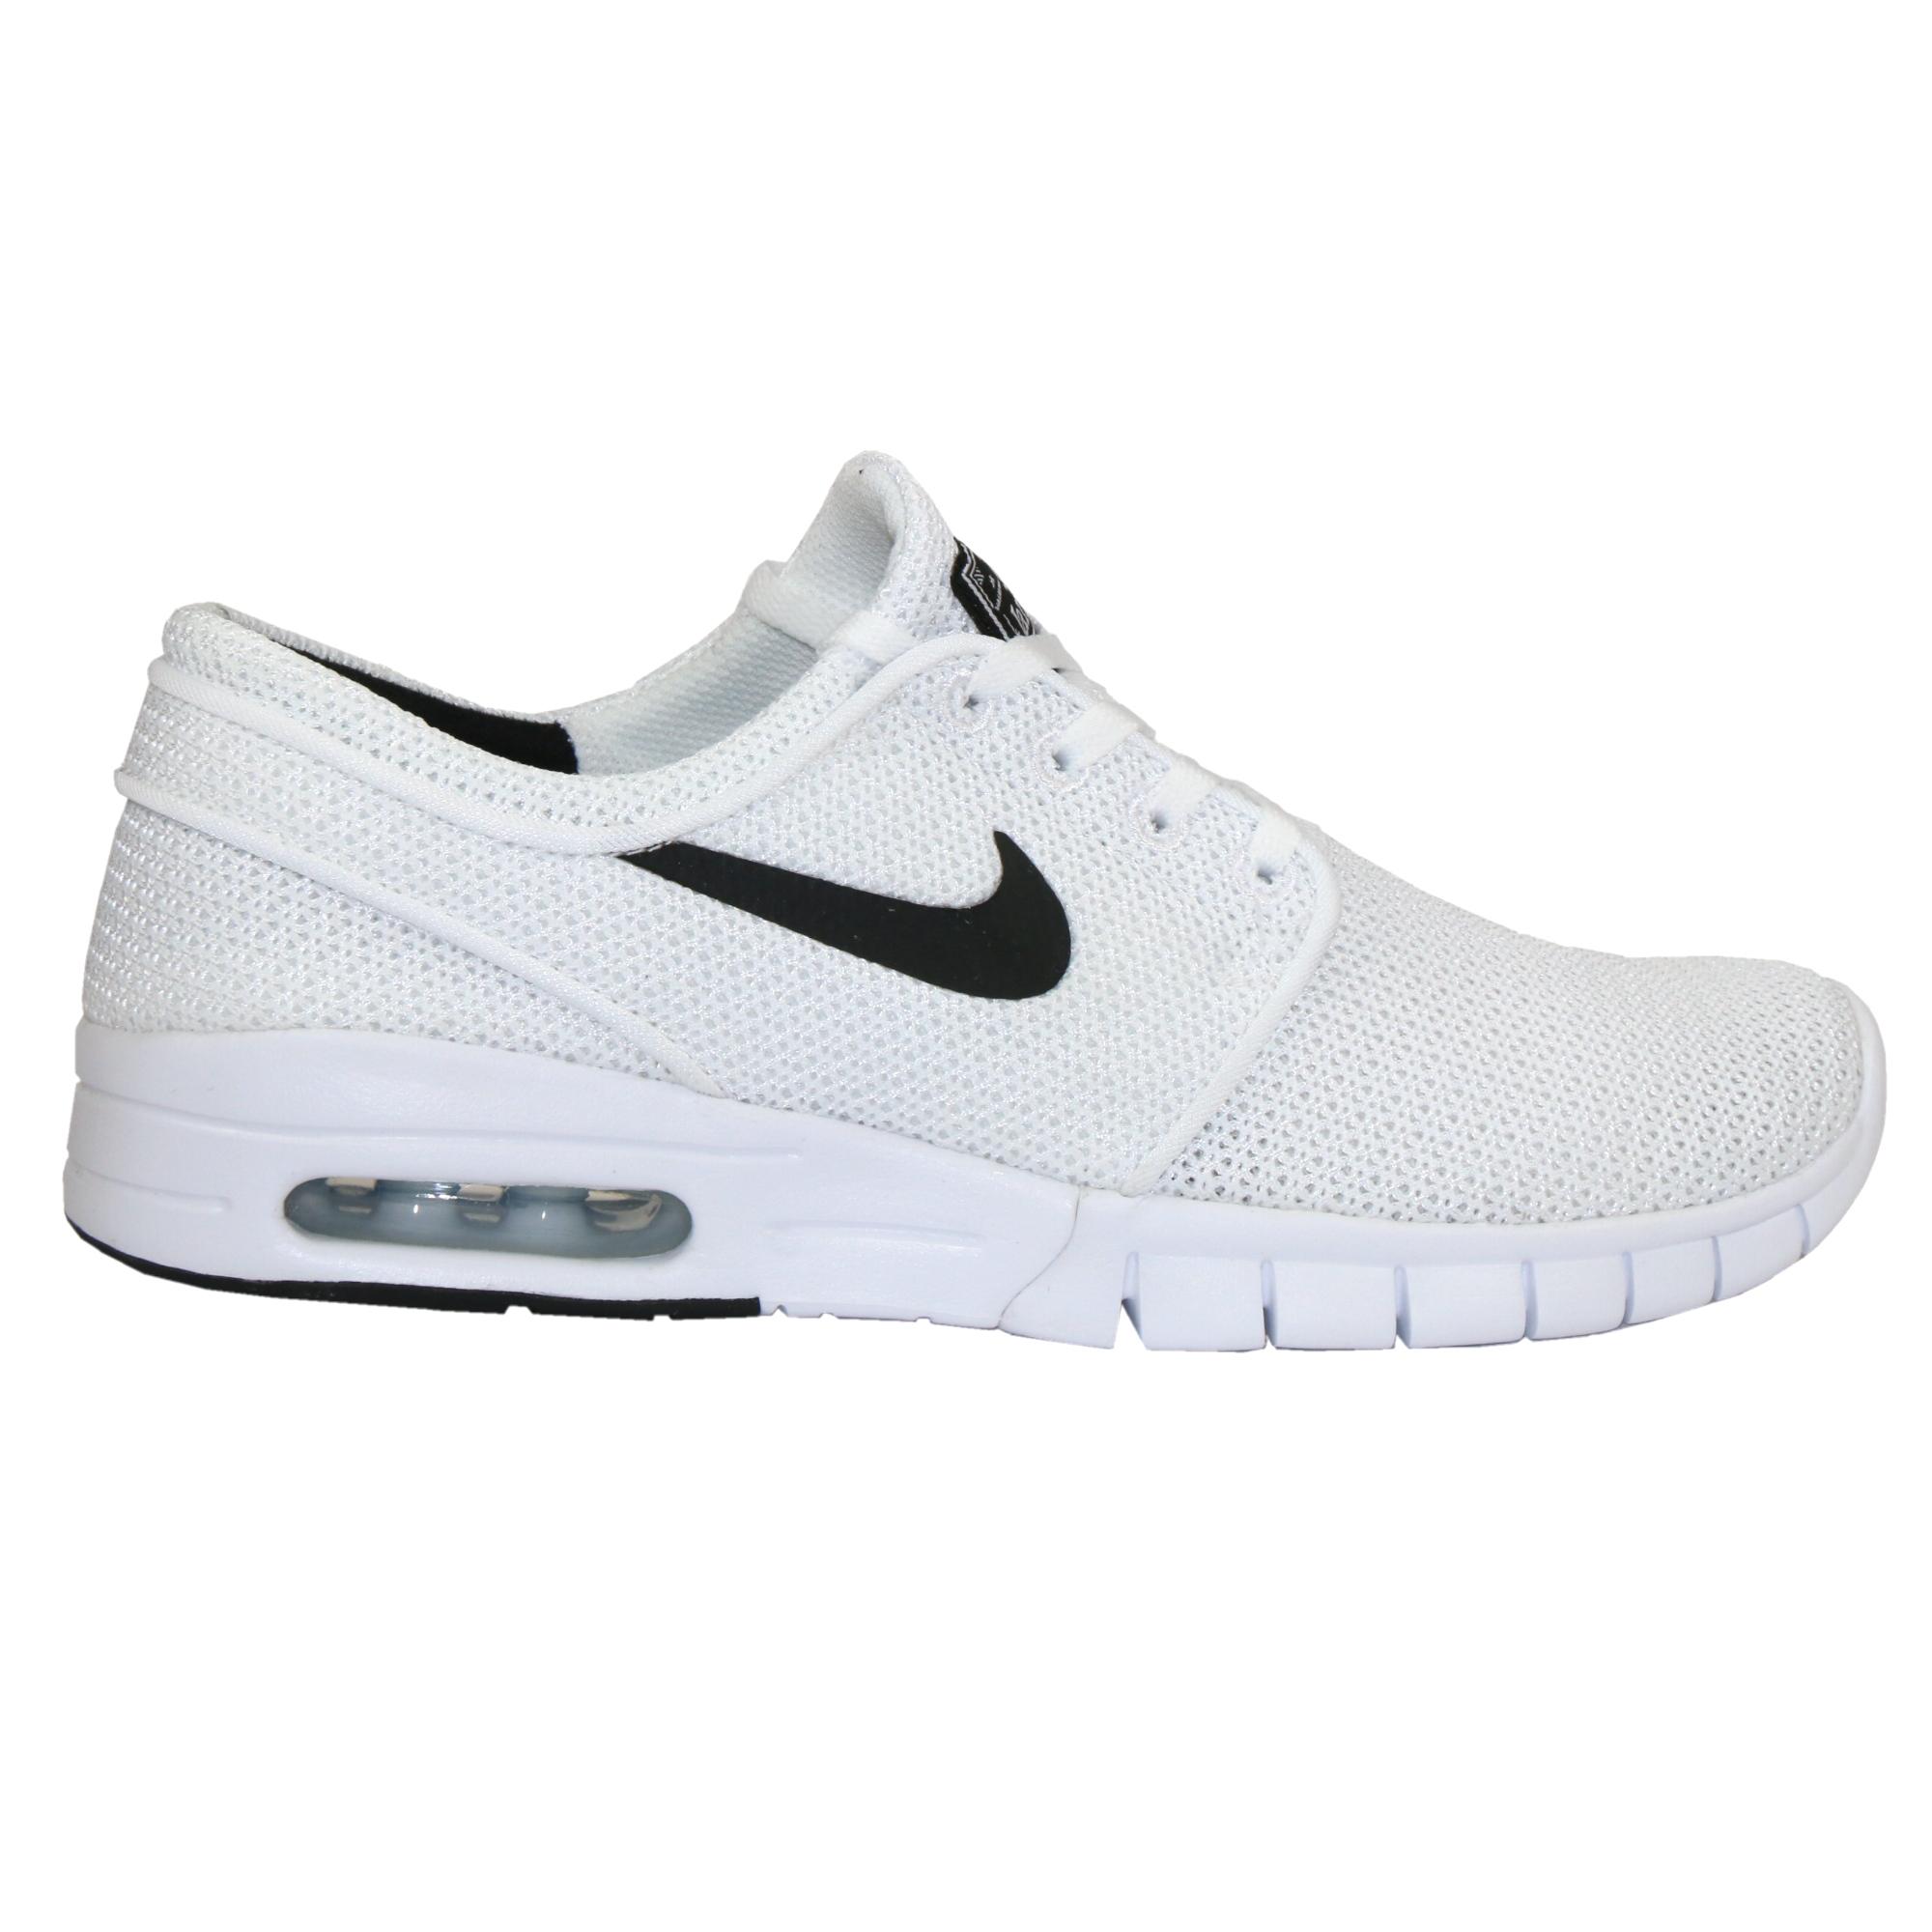 Nike SB Stefan Janoski Max Schuhe Turnschuhe Sneaker Herren 807497 006 Schwarz